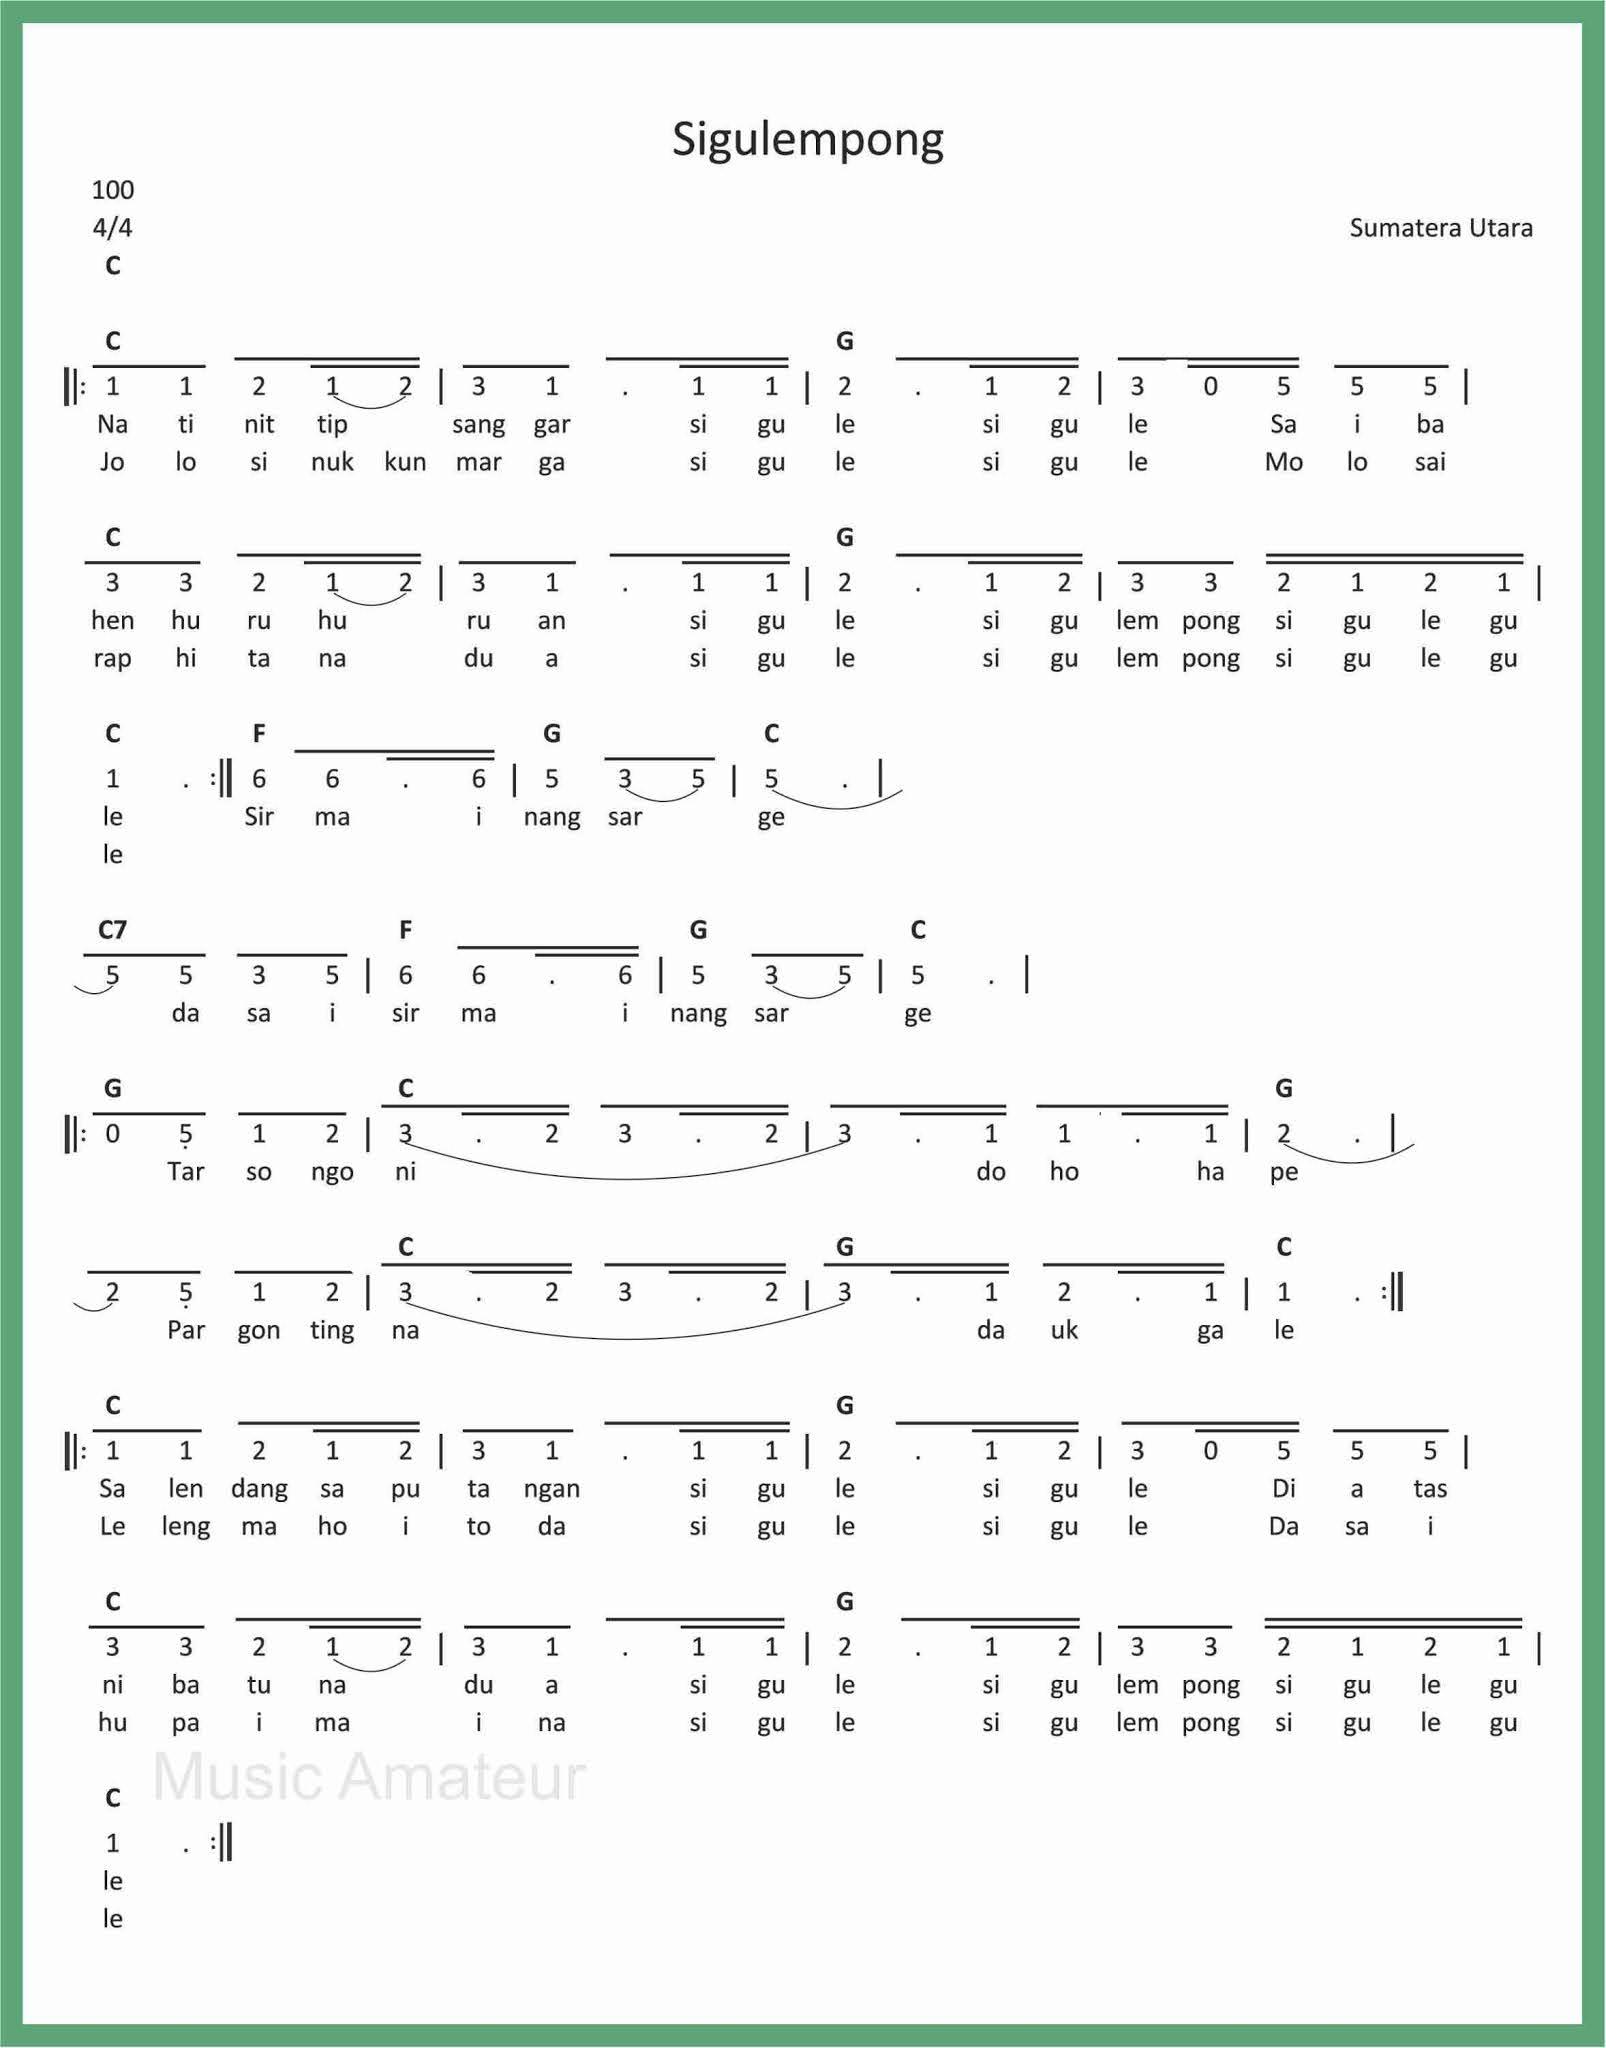 Lirik Lagu Sigulempong : lirik, sigulempong, Angka, Sigulempong, SEPUTAR, MUSIK